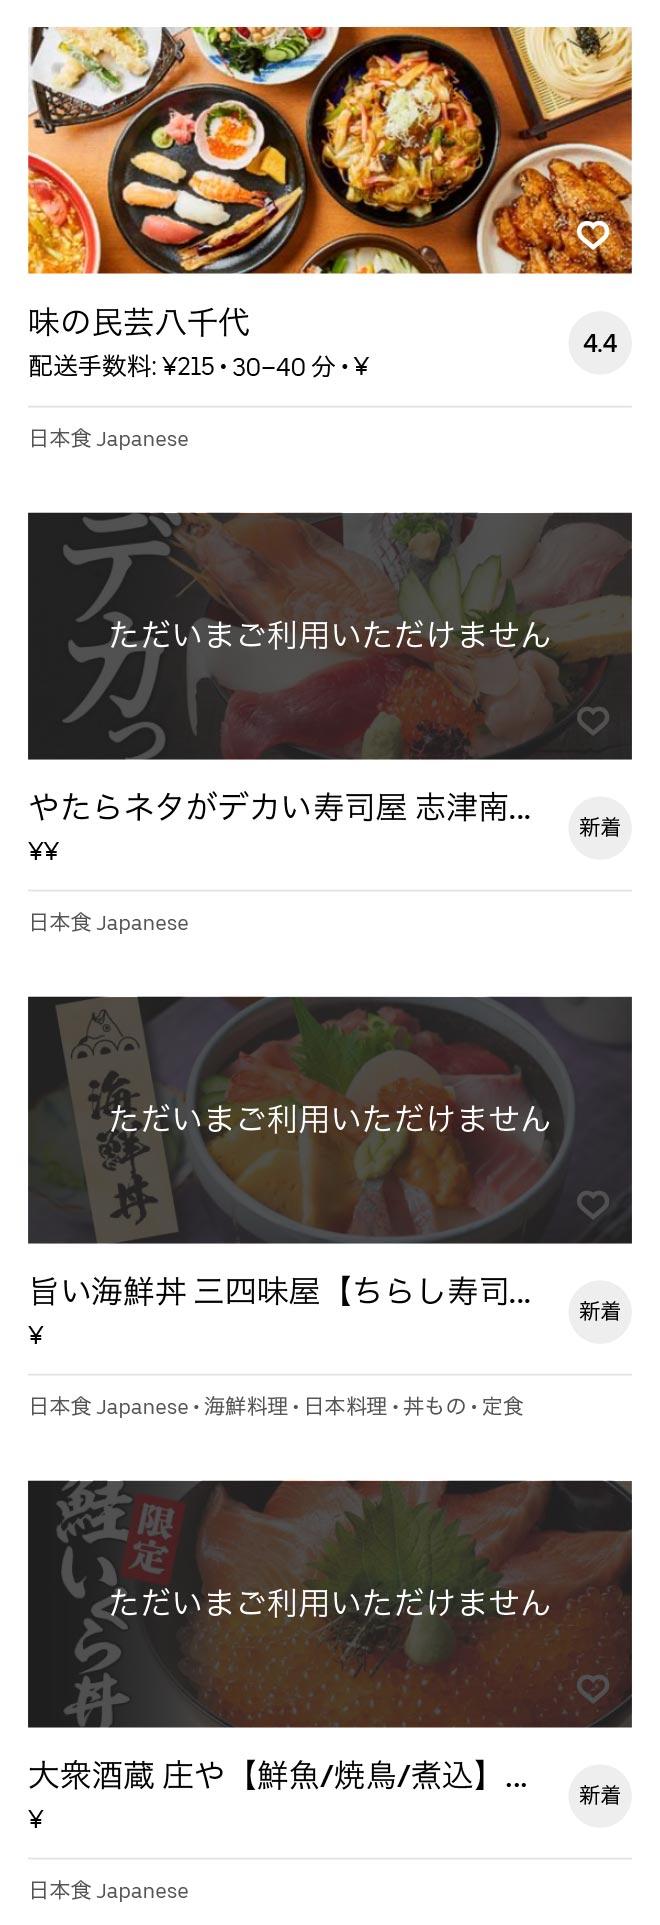 Katsutadai menu 2008 04